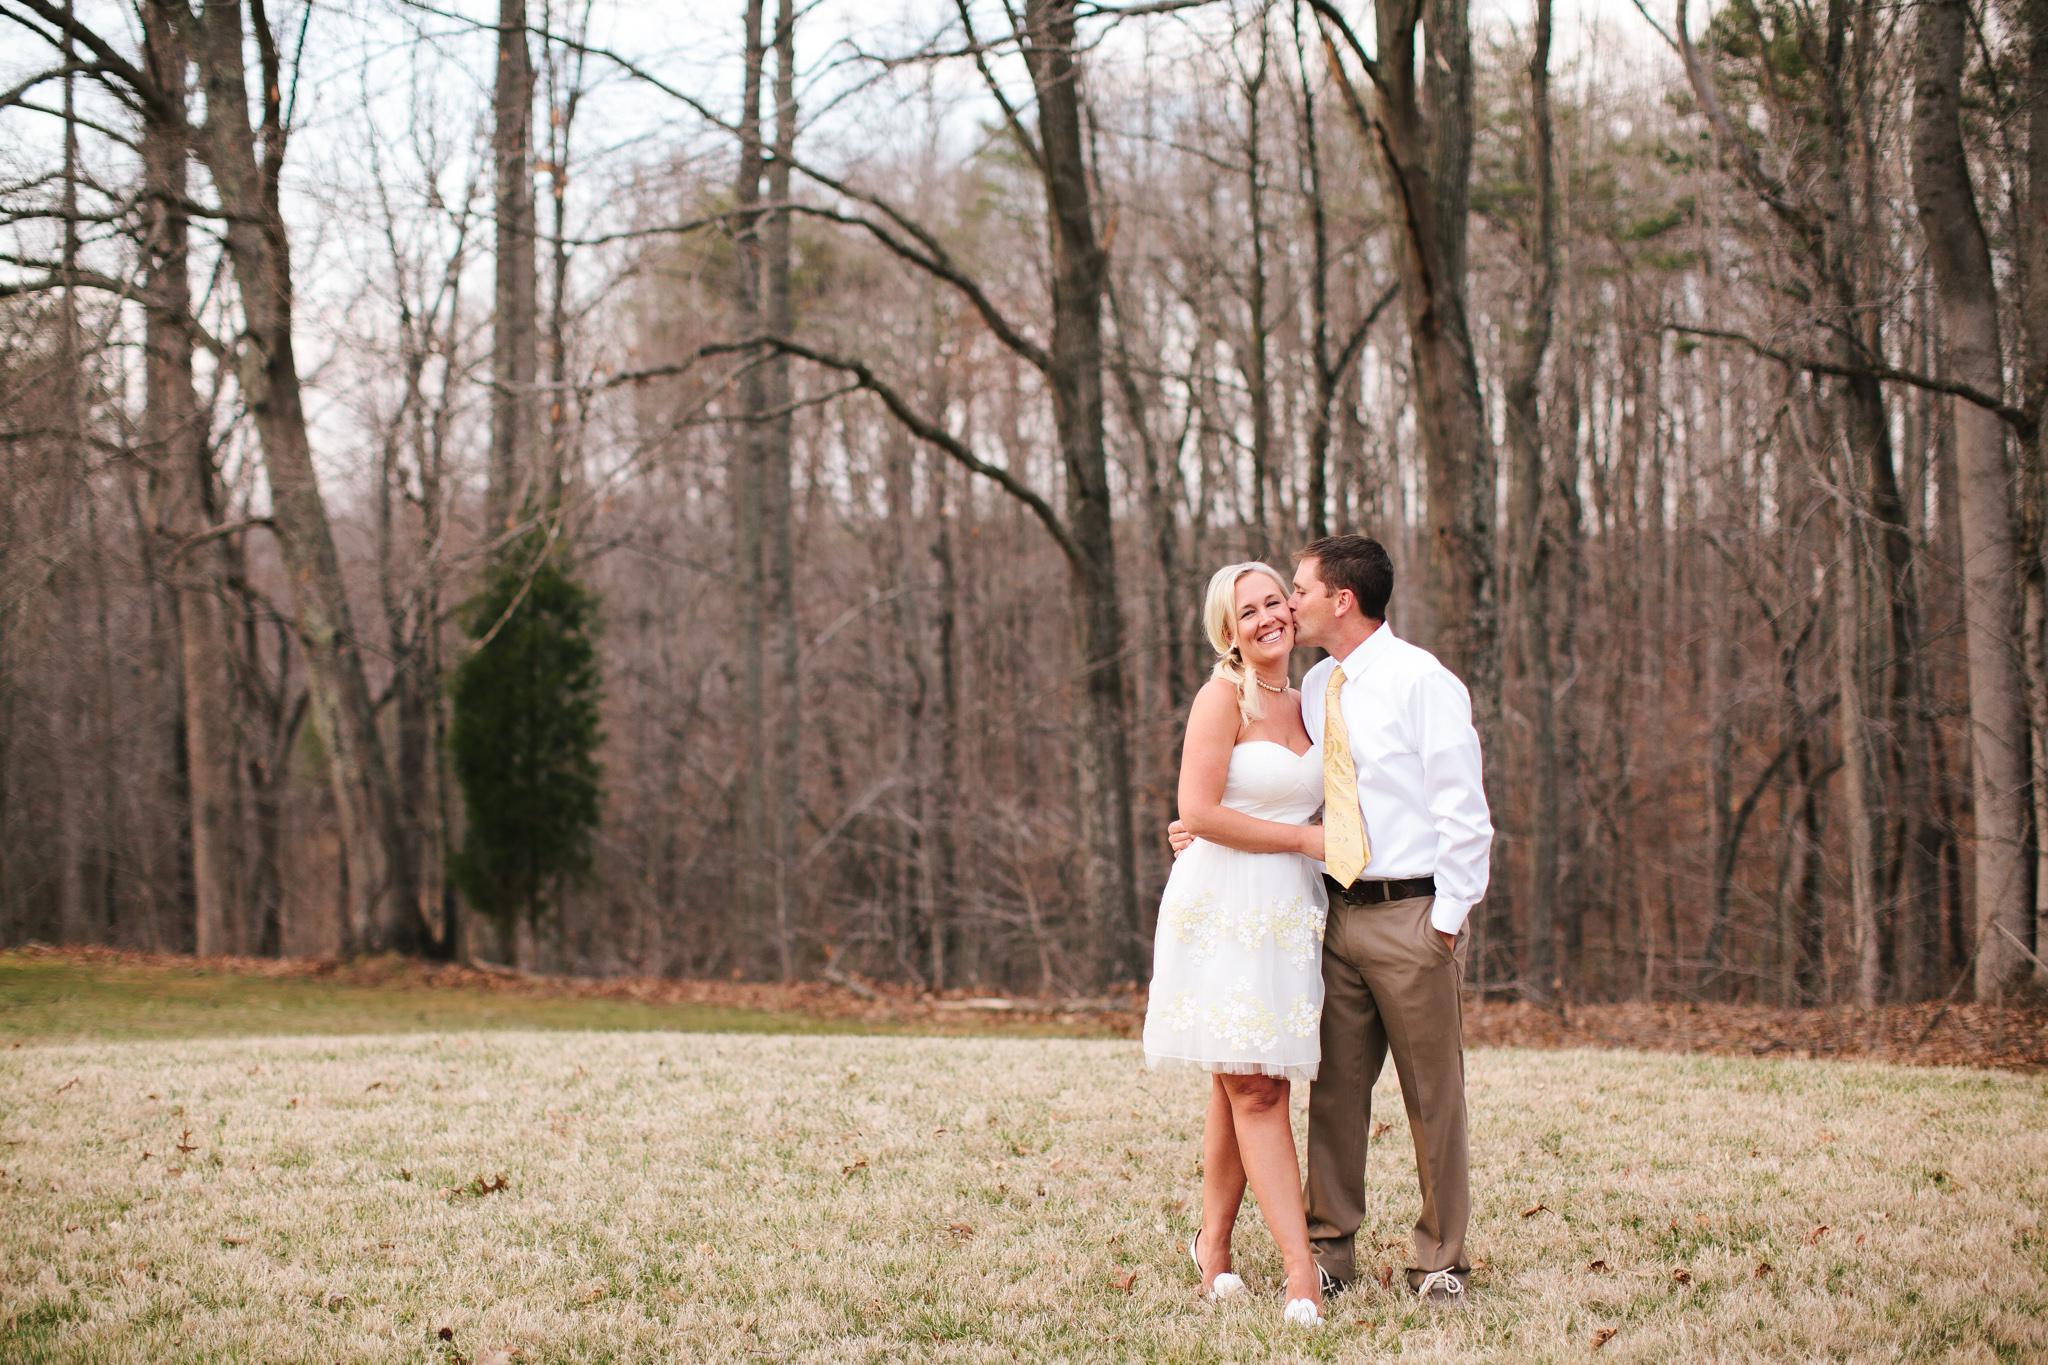 north_carolina_wedding_portraits_tierney_cyanne_photography_1434.jpg